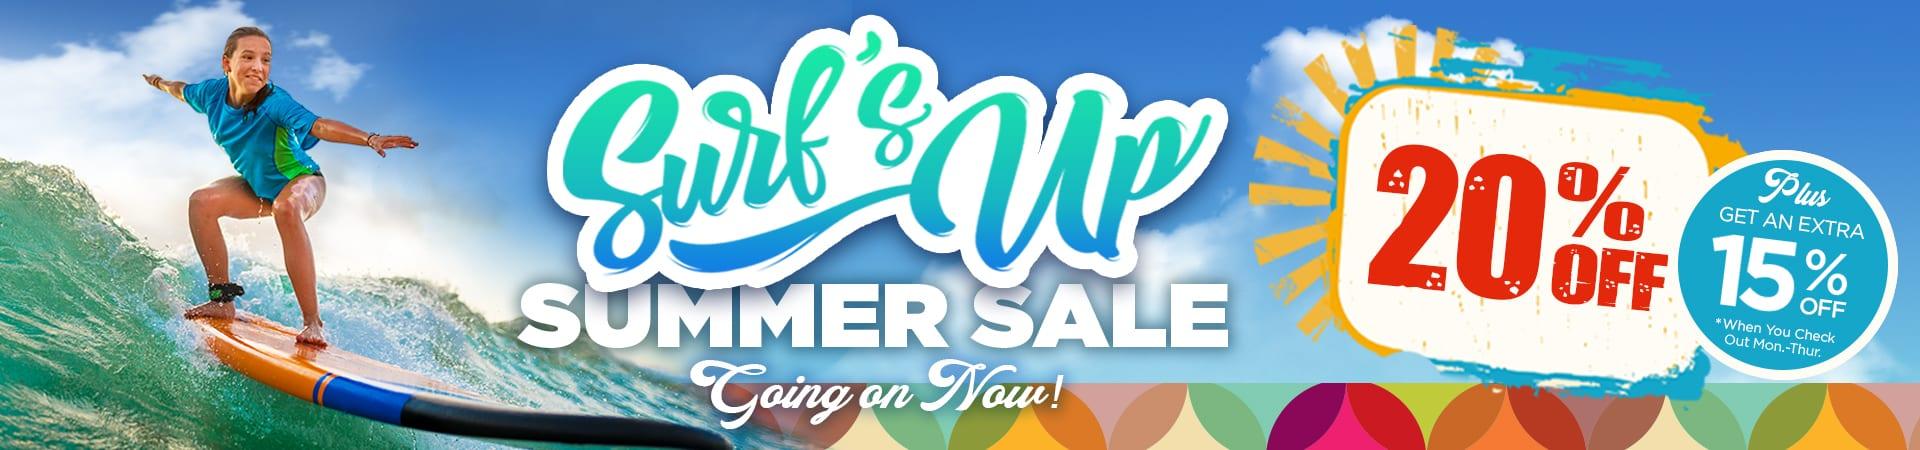 Surf's Up Summer Sale